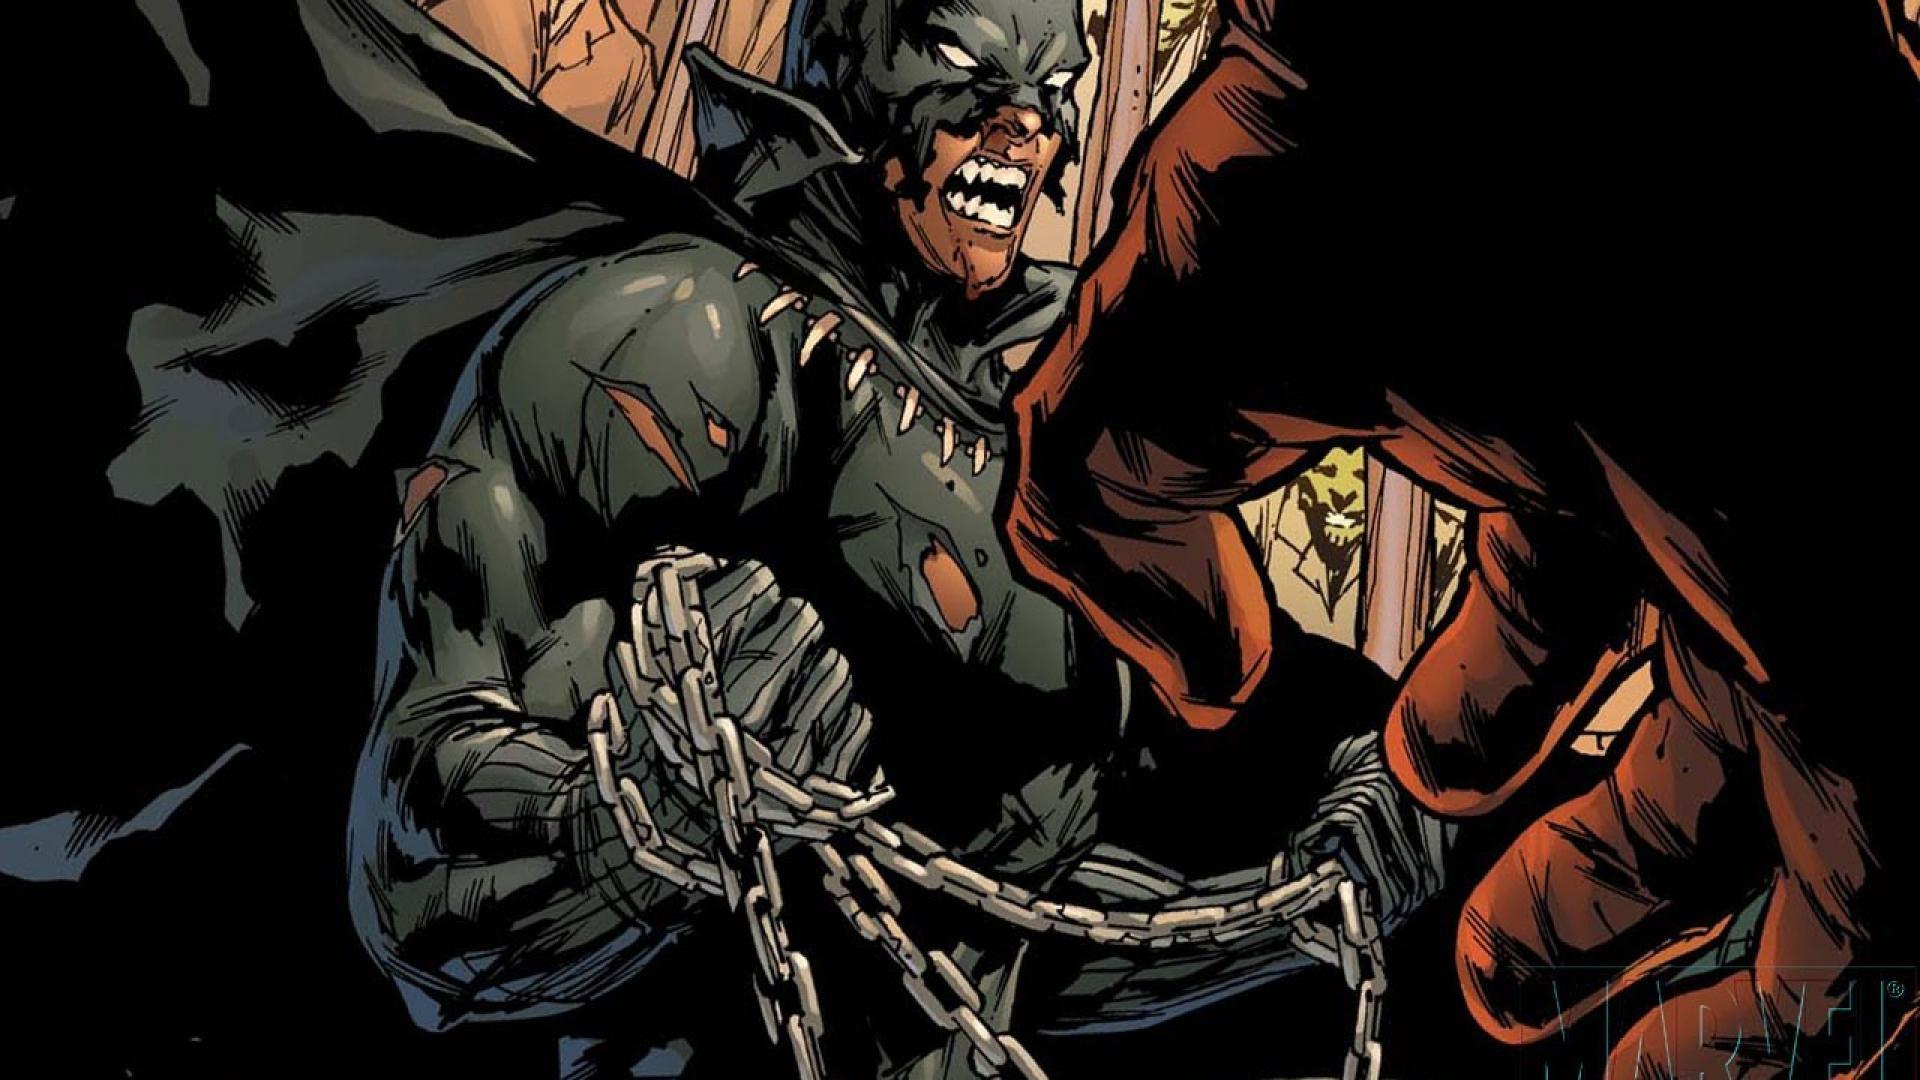 Black Panther Comic Wallpaper: Black Panther Superhero Wallpapers